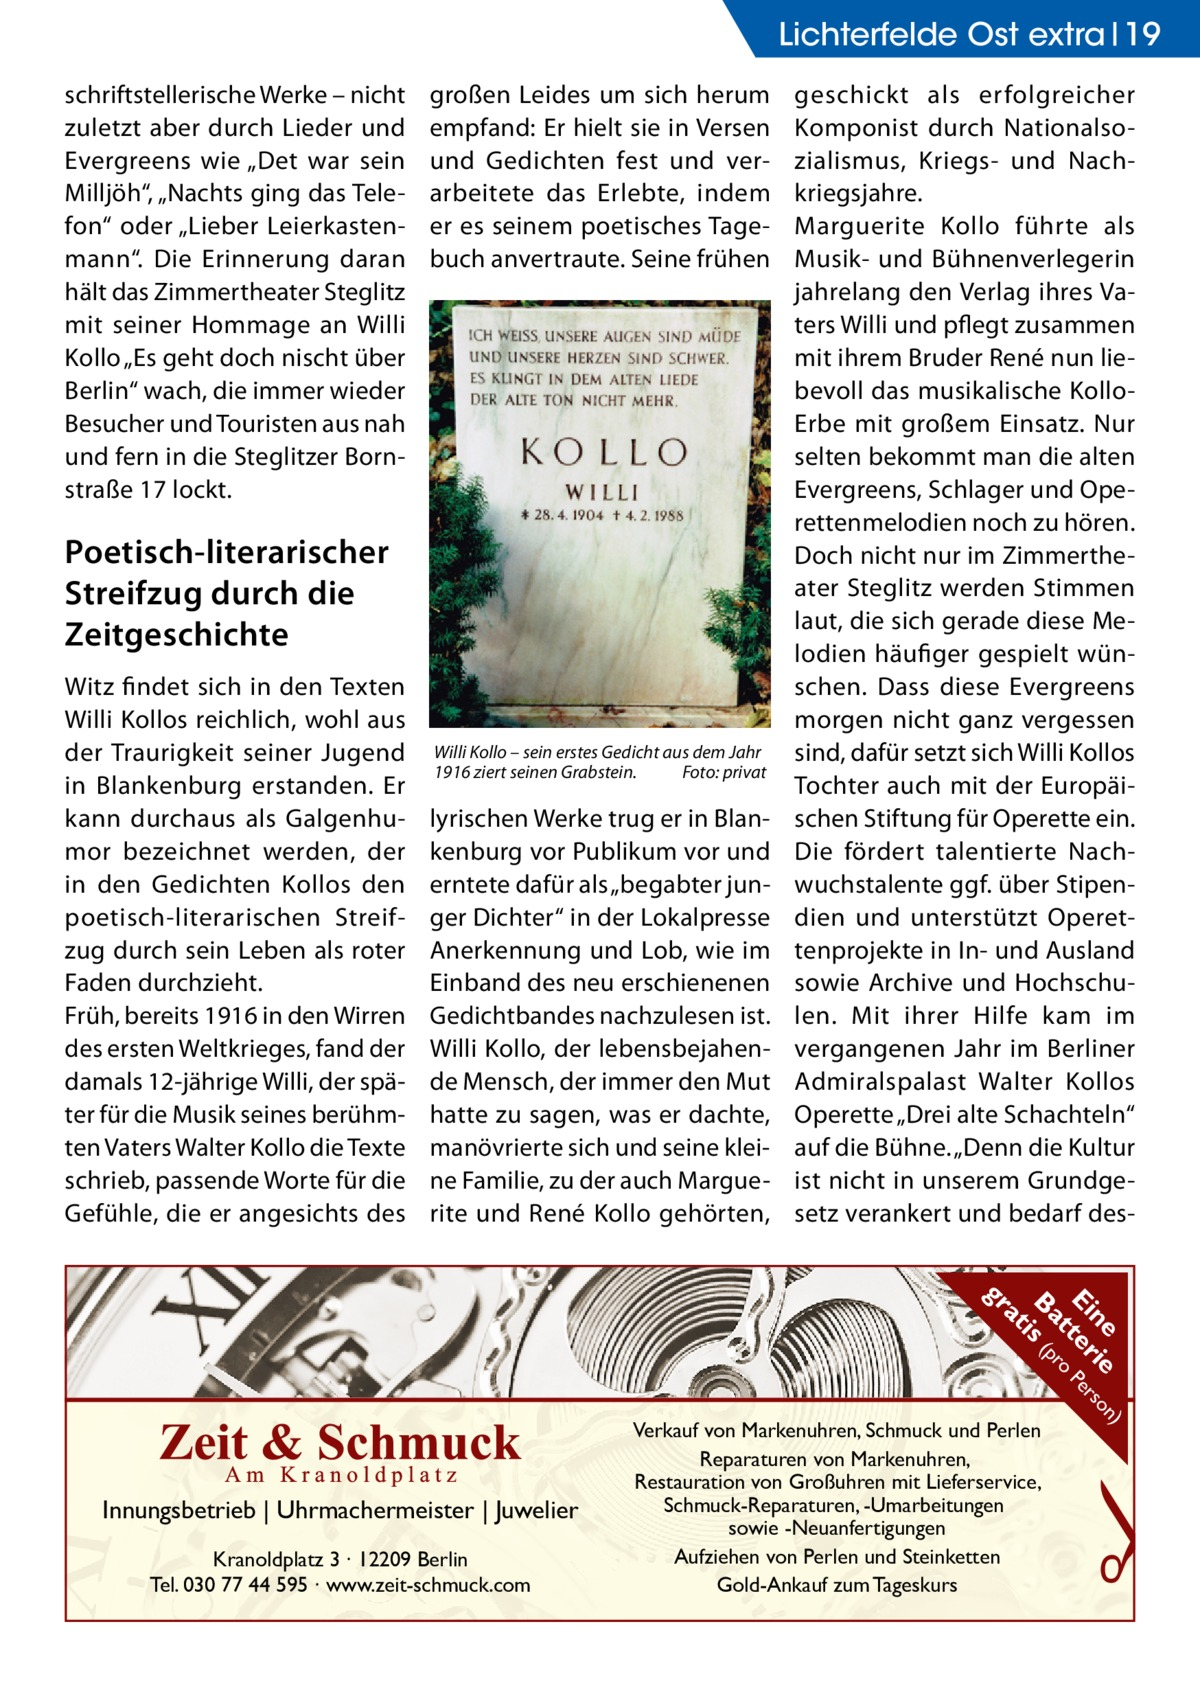 """Lichterfelde Ost extra 19 schriftstellerische Werke – nicht zuletzt aber durch Lieder und Evergreens wie """"Det war sein Milljöh"""", """"Nachts ging das Telefon"""" oder """"Lieber Leierkastenmann"""". Die Erinnerung daran hält das Zimmertheater Steglitz mit seiner Hommage an Willi Kollo """"Es geht doch nischt über Berlin"""" wach, die immer wieder Besucher und Touristen aus nah und fern in die Steglitzer Bornstraße17 lockt.  großen Leides um sich herum empfand: Er hielt sie in Versen und Gedichten fest und verarbeitete das Erlebte, indem er es seinem poetisches Tagebuch anvertraute. Seine frühen  Poetisch-literarischer Streifzug durch die Zeitgeschichte Witz findet sich in den Texten Willi Kollos reichlich, wohl aus der Traurigkeit seiner Jugend in Blankenburg erstanden. Er kann durchaus als Galgenhumor bezeichnet werden, der in den Gedichten Kollos den poetisch-literarischen Streifzug durch sein Leben als roter Faden durchzieht. Früh, bereits 1916 in den Wirren des ersten Weltkrieges, fand der damals 12-jährige Willi, der später für die Musik seines berühmten Vaters Walter Kollo die Texte schrieb, passende Worte für die Gefühle, die er angesichts des  Willi Kollo – sein erstes Gedicht aus dem Jahr 1916 ziert seinen Grabstein.� Foto: privat  lyrischen Werke trug er in Blankenburg vor Publikum vor und erntete dafür als """"begabter junger Dichter"""" in der Lokalpresse Anerkennung und Lob, wie im Einband des neu erschienenen Gedichtbandes nachzulesen ist. Willi Kollo, der lebensbejahende Mensch, der immer den Mut hatte zu sagen, was er dachte, manövrierte sich und seine kleine Familie, zu der auch Marguerite und René Kollo gehörten,  geschickt als erfolgreicher Komponist durch Nationalsozialismus, Kriegs- und Nachkriegsjahre. Marguerite Kollo führte als Musik- und Bühnenverlegerin jahrelang den Verlag ihres Vaters Willi und pflegt zusammen mit ihrem Bruder René nun liebevoll das musikalische KolloErbe mit großem Einsatz. Nur selten bekommt man die alten Evergreens, Schlager und Operettenmelod"""